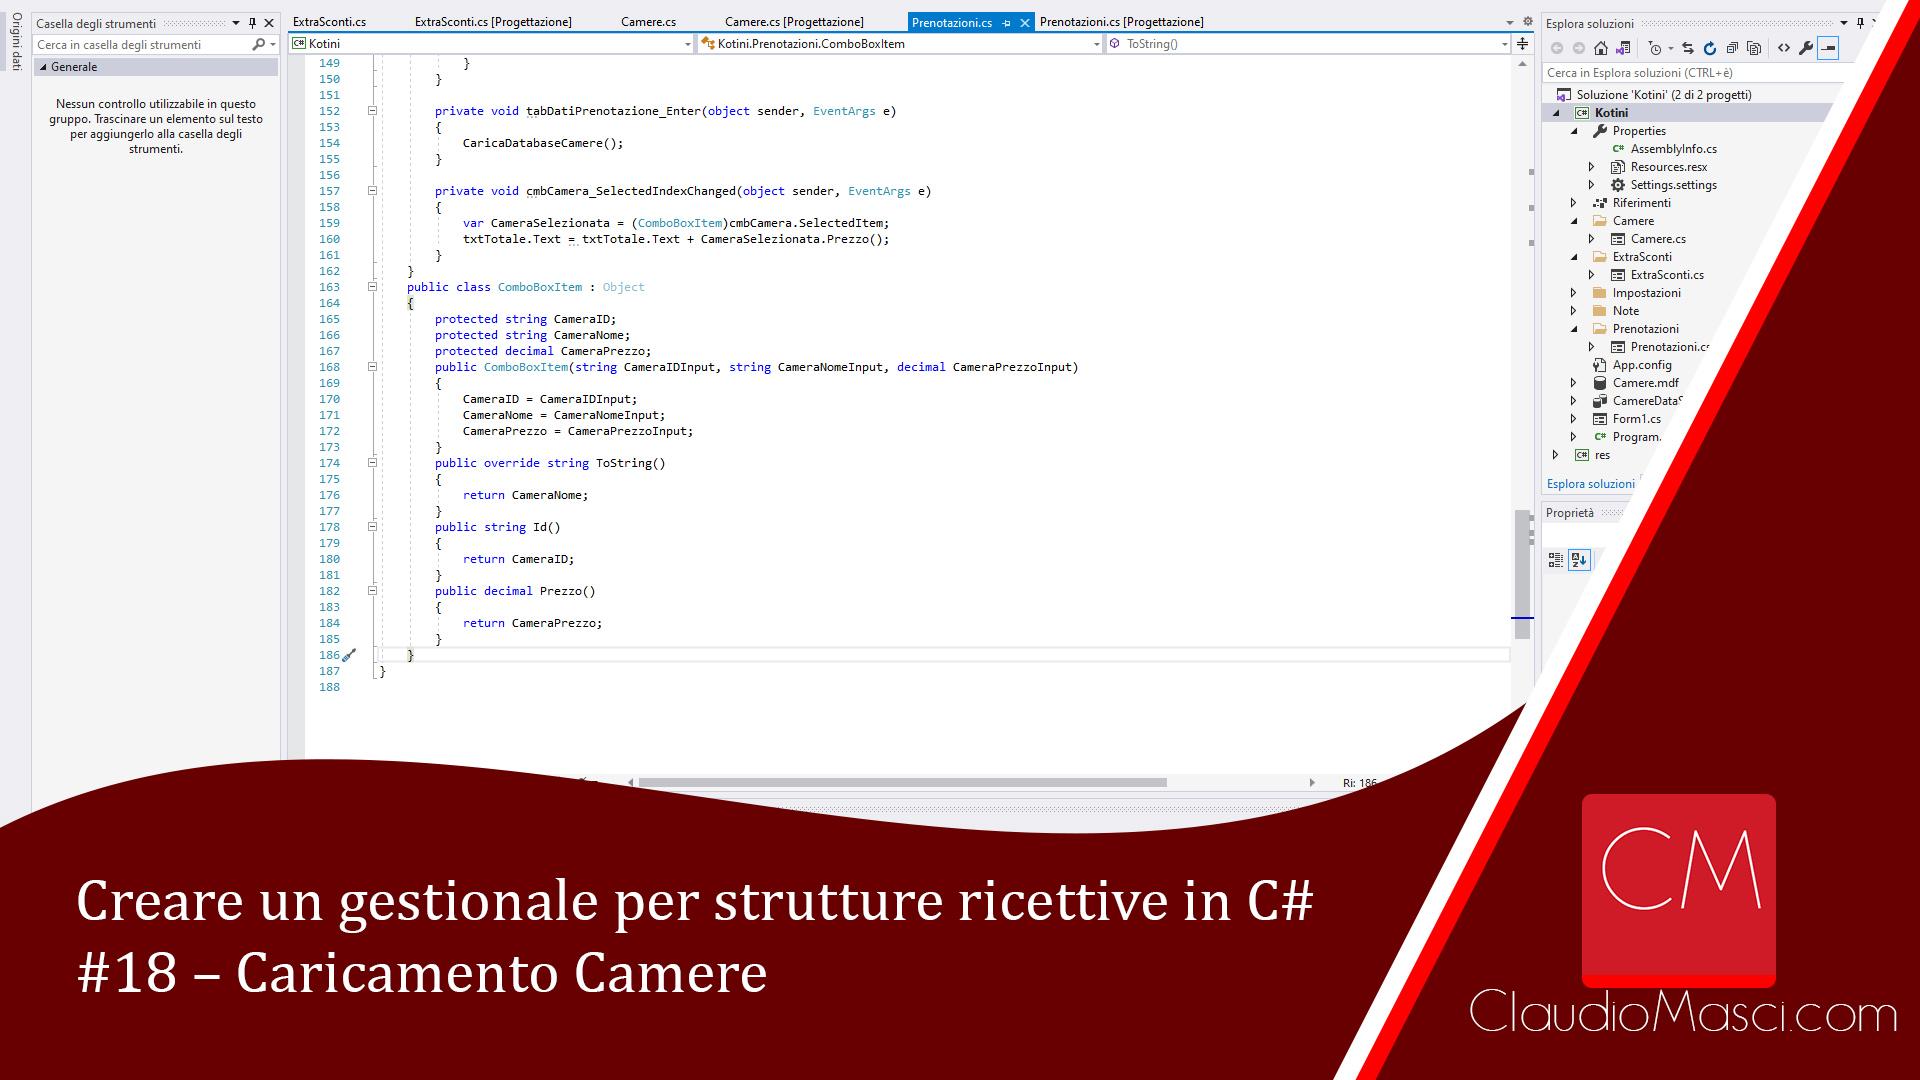 Creare un gestionale per strutture ricettive in C# – 18 – Caricamento Camere